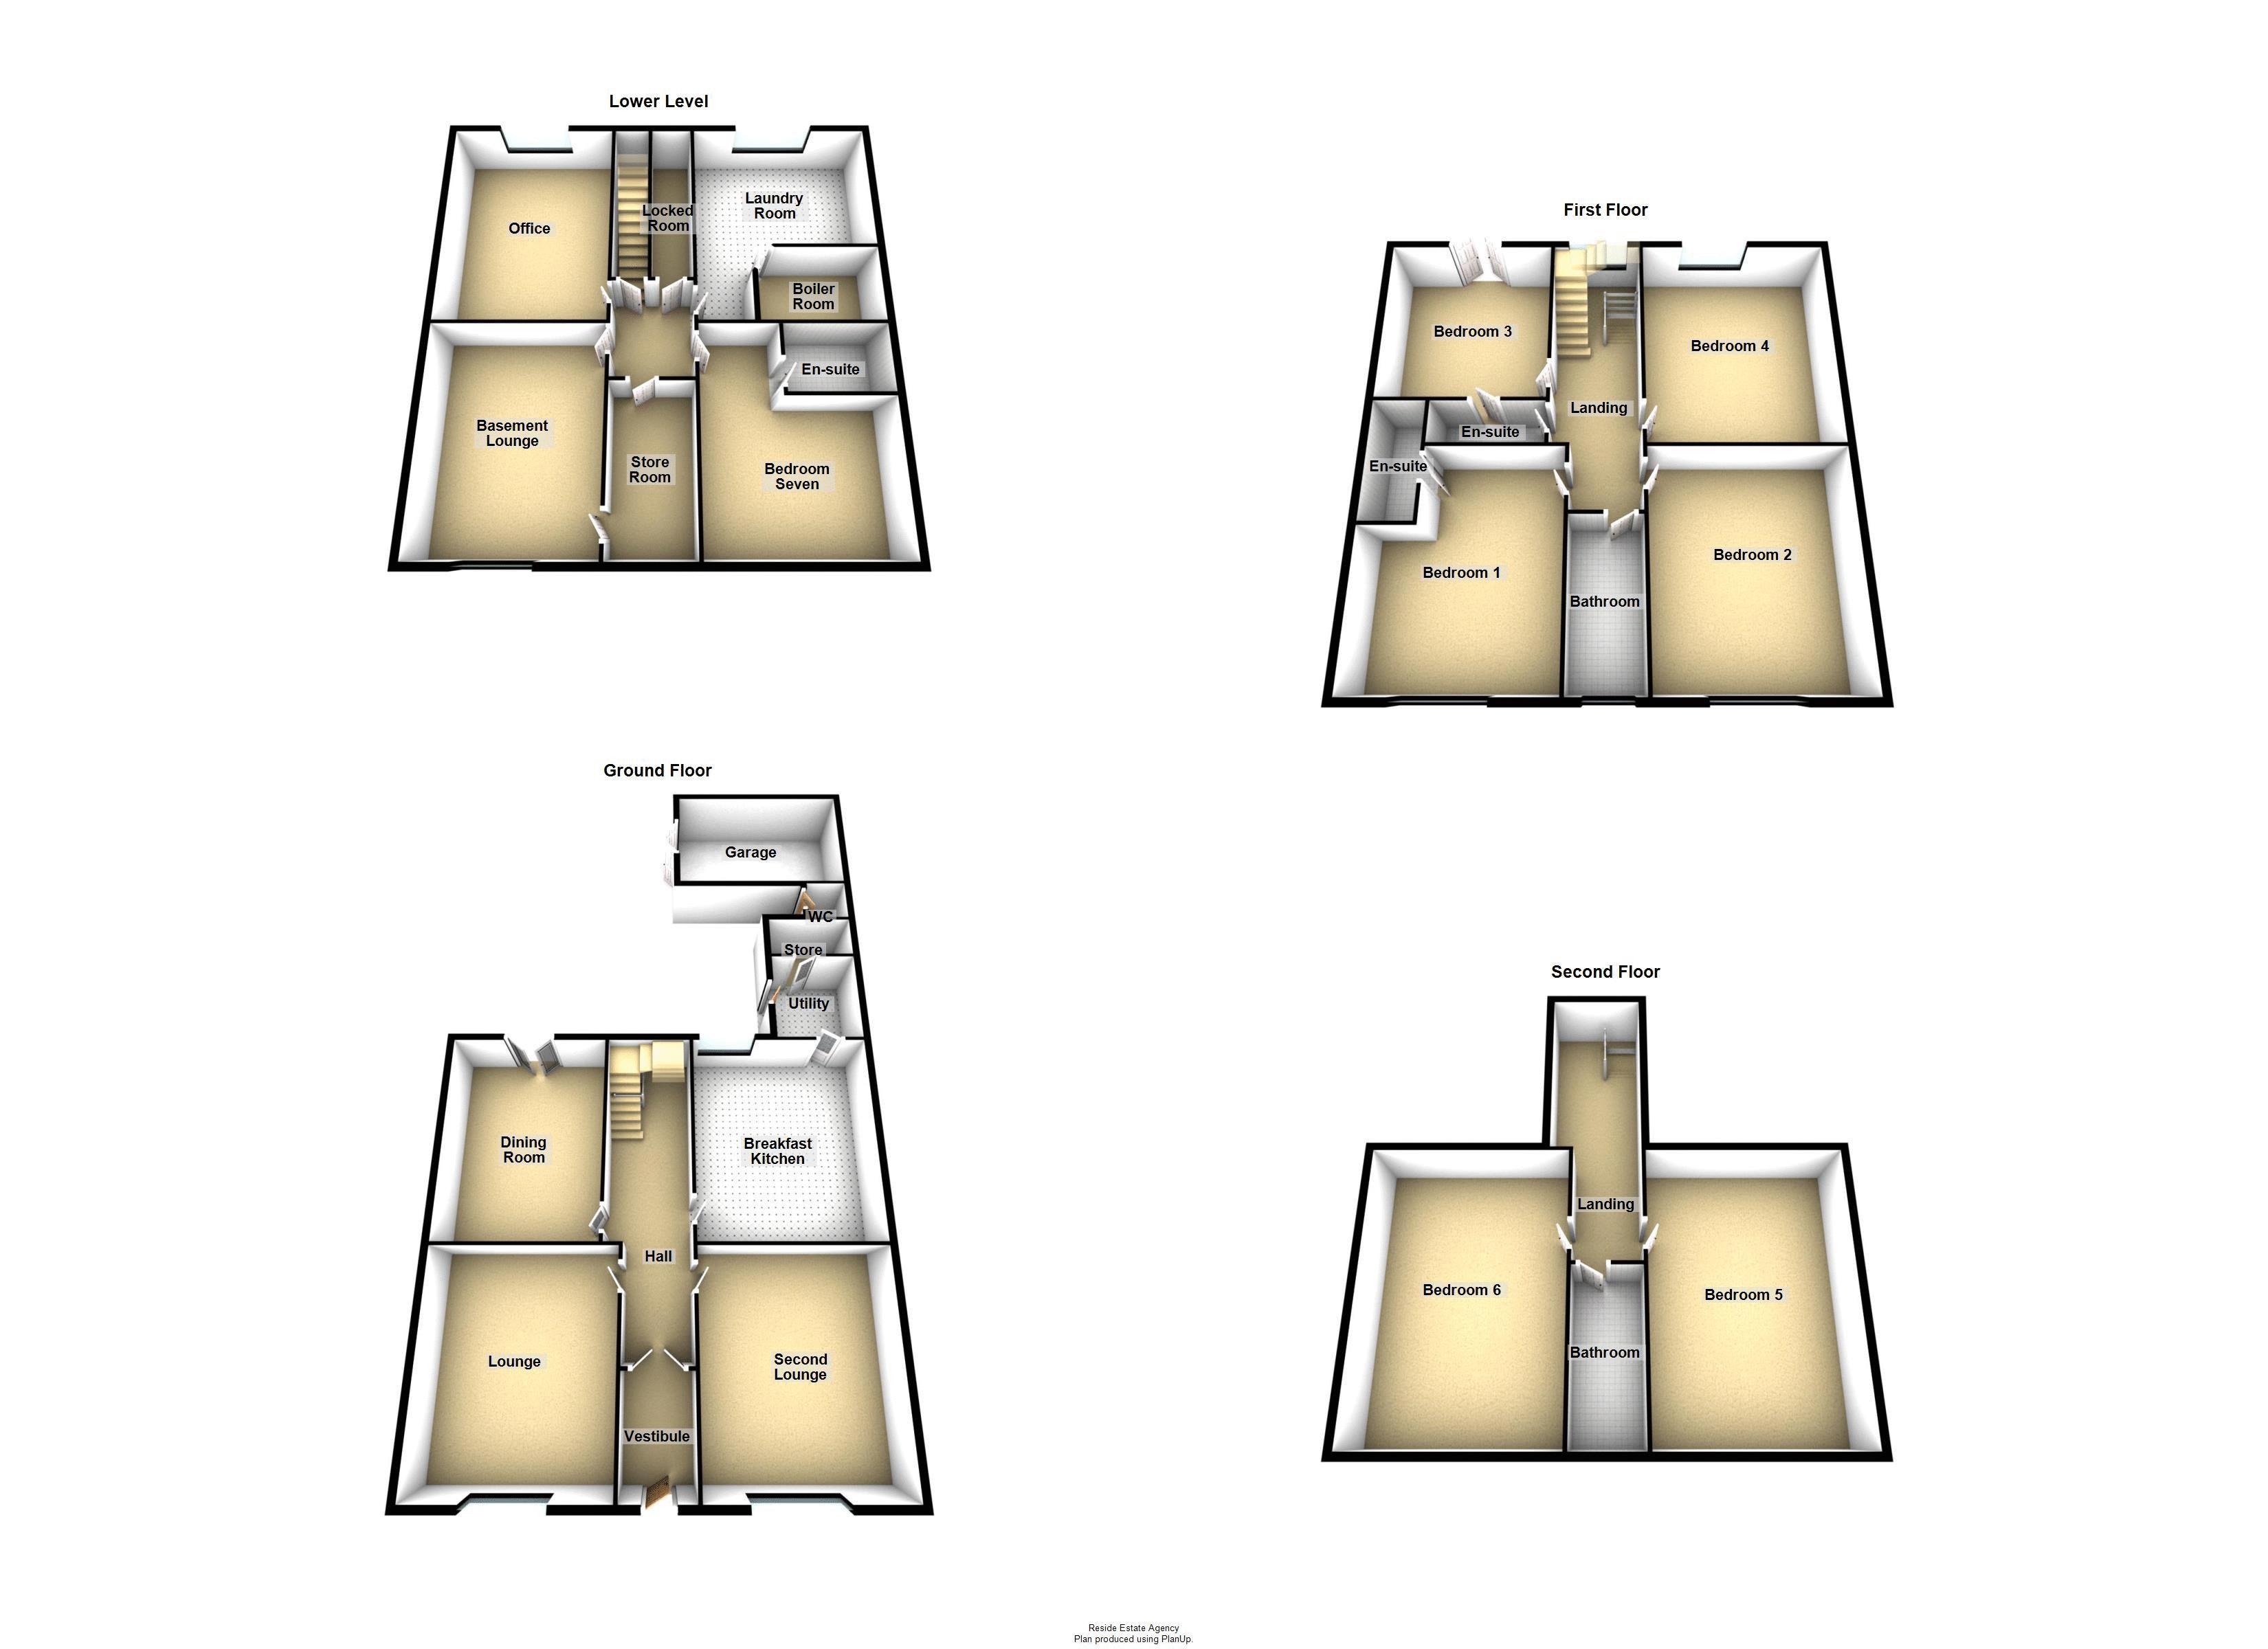 Basement/Ground/First/Second